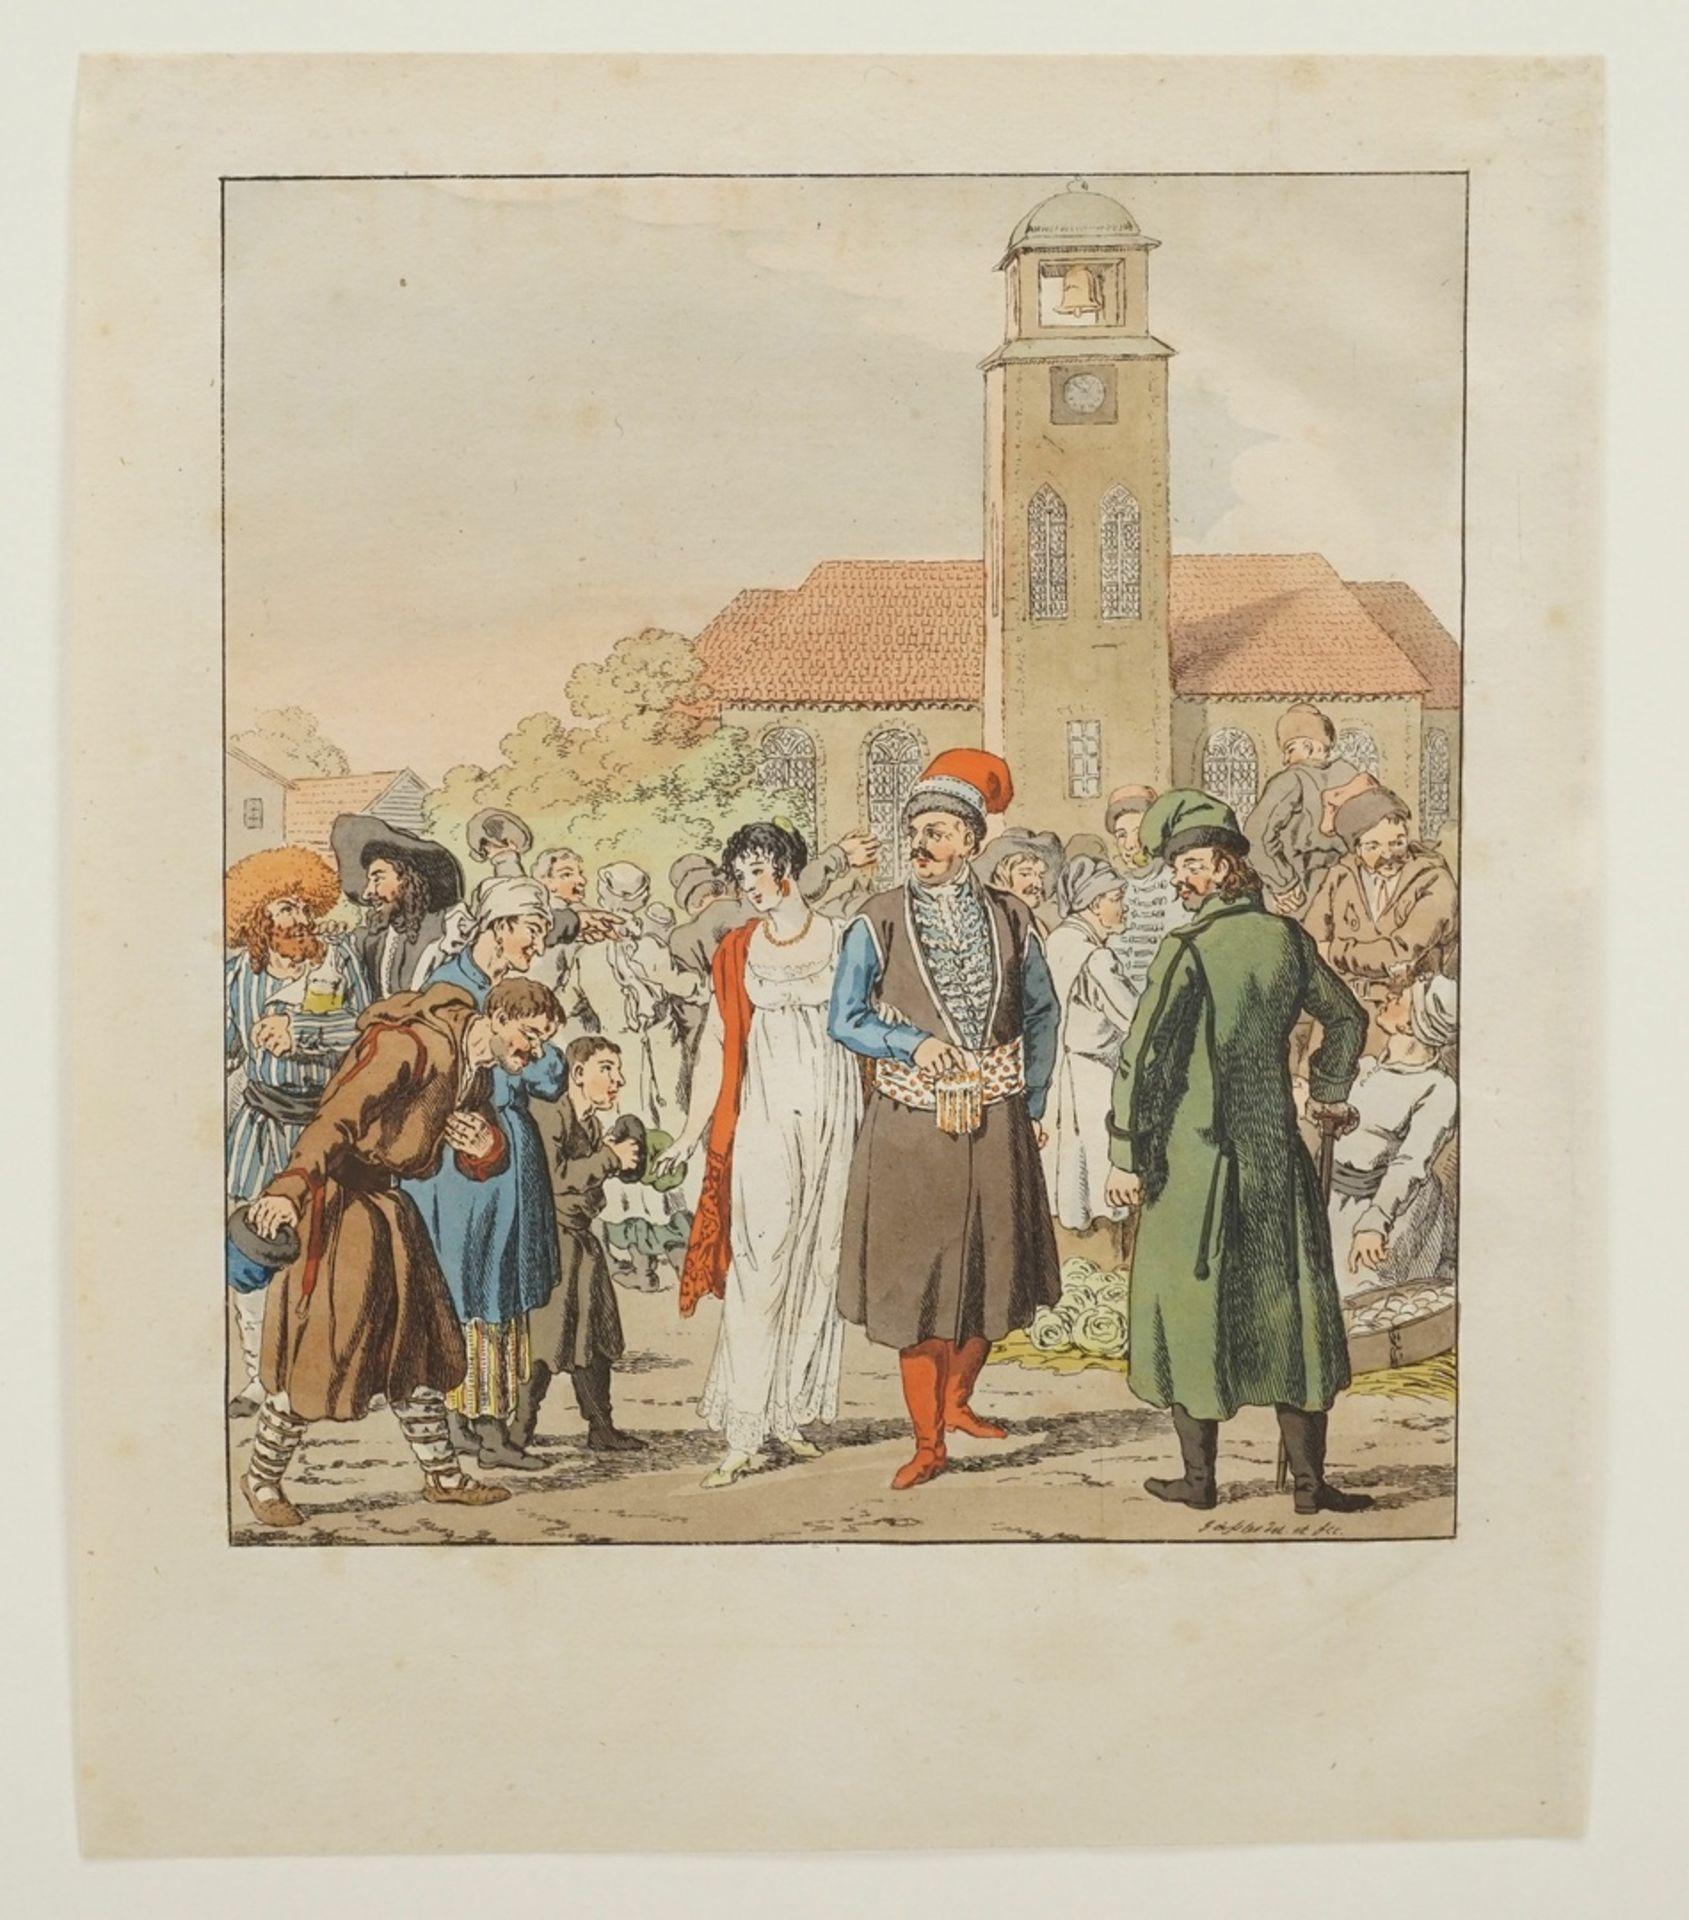 Christian Gottfried Heinrich Geißler, Die Herren auf dem Markt - Bild 3 aus 3